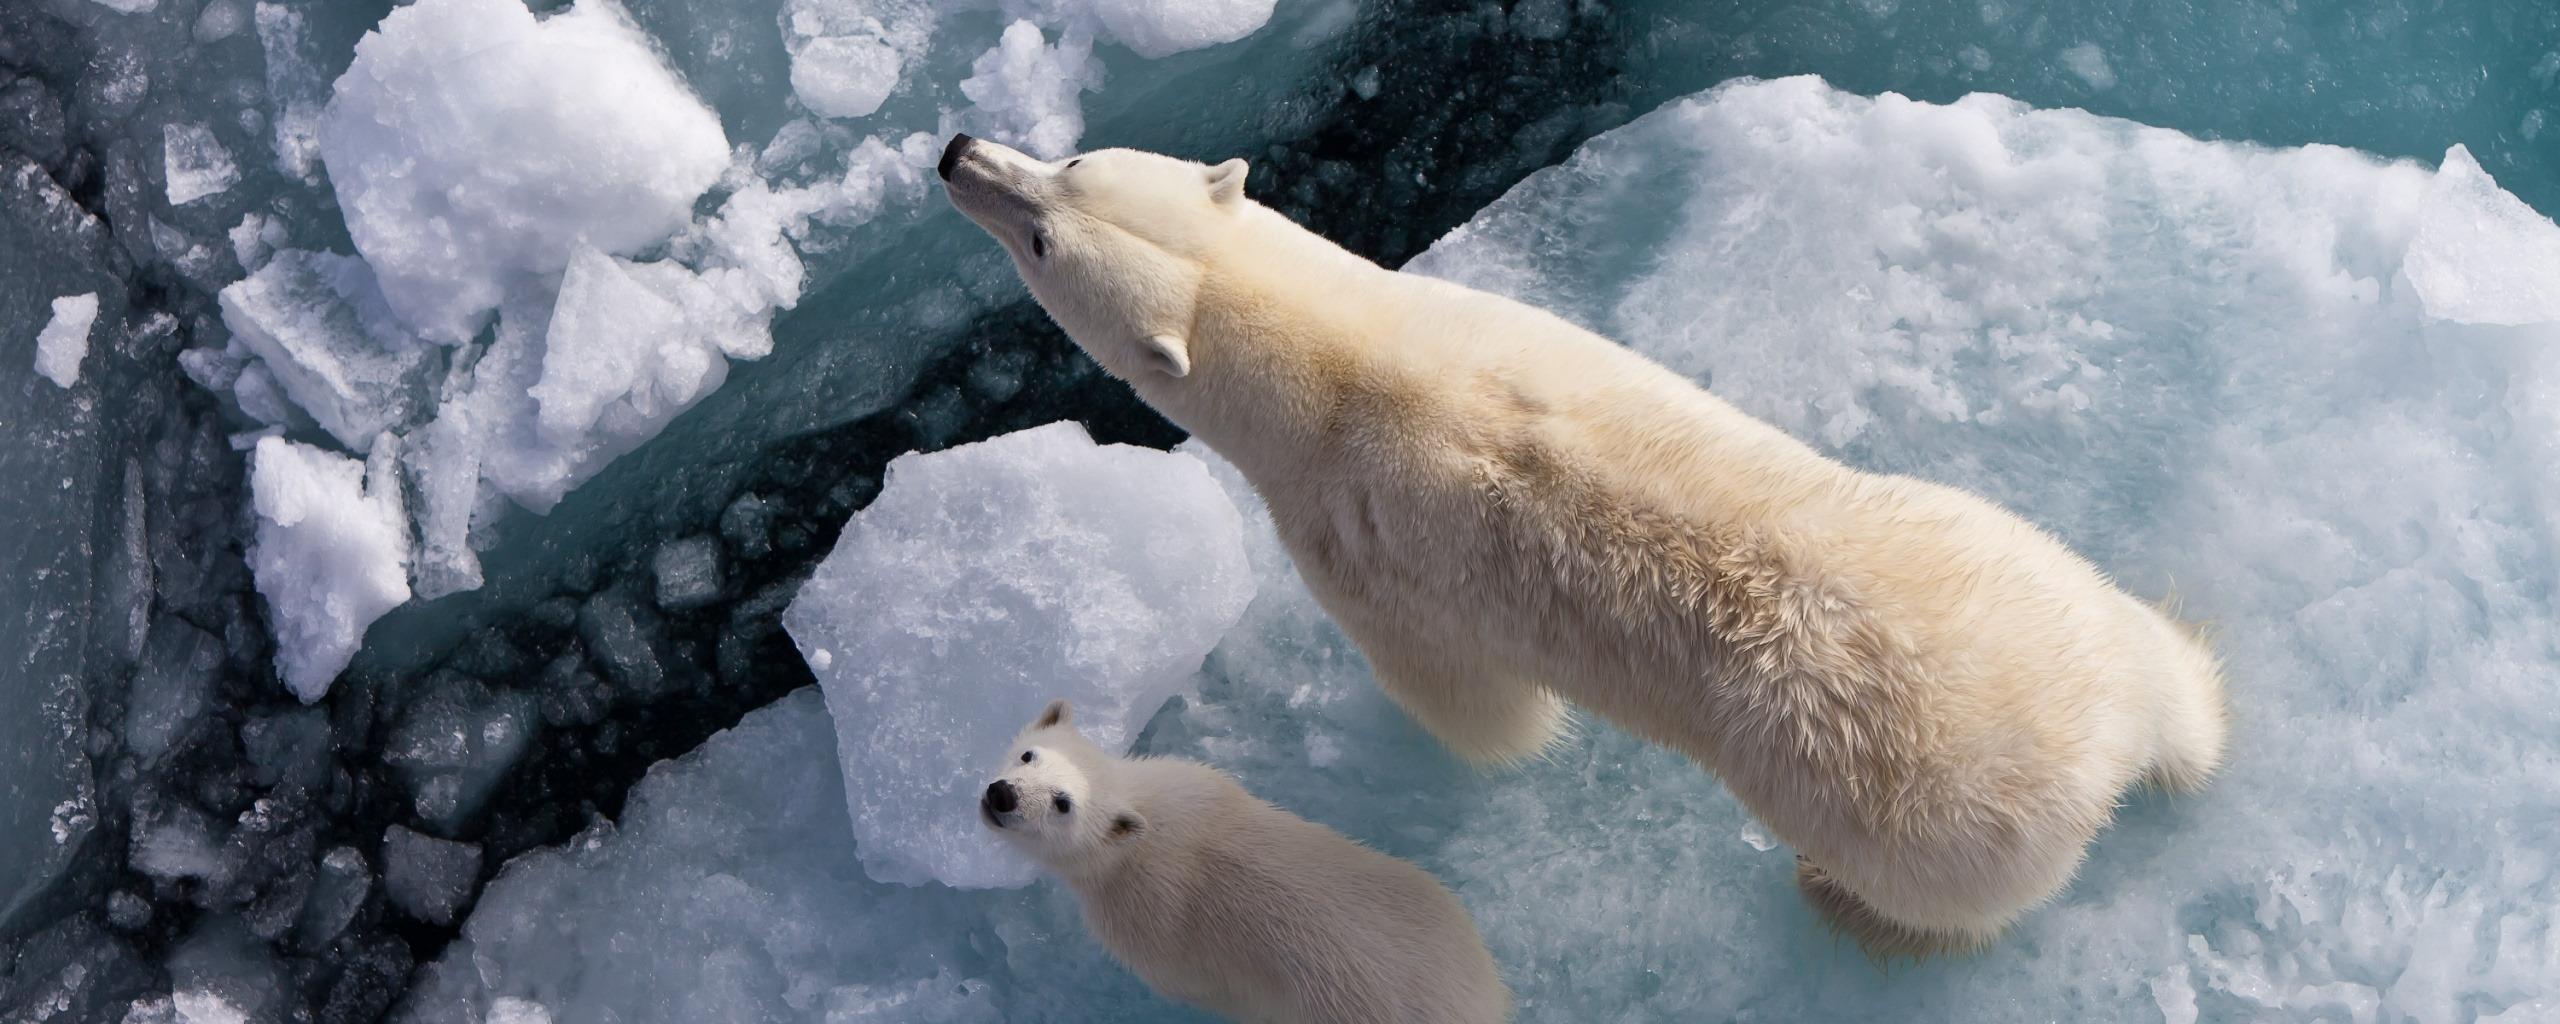 Смотреть фотографии пингвинов и белых мишек большую часть